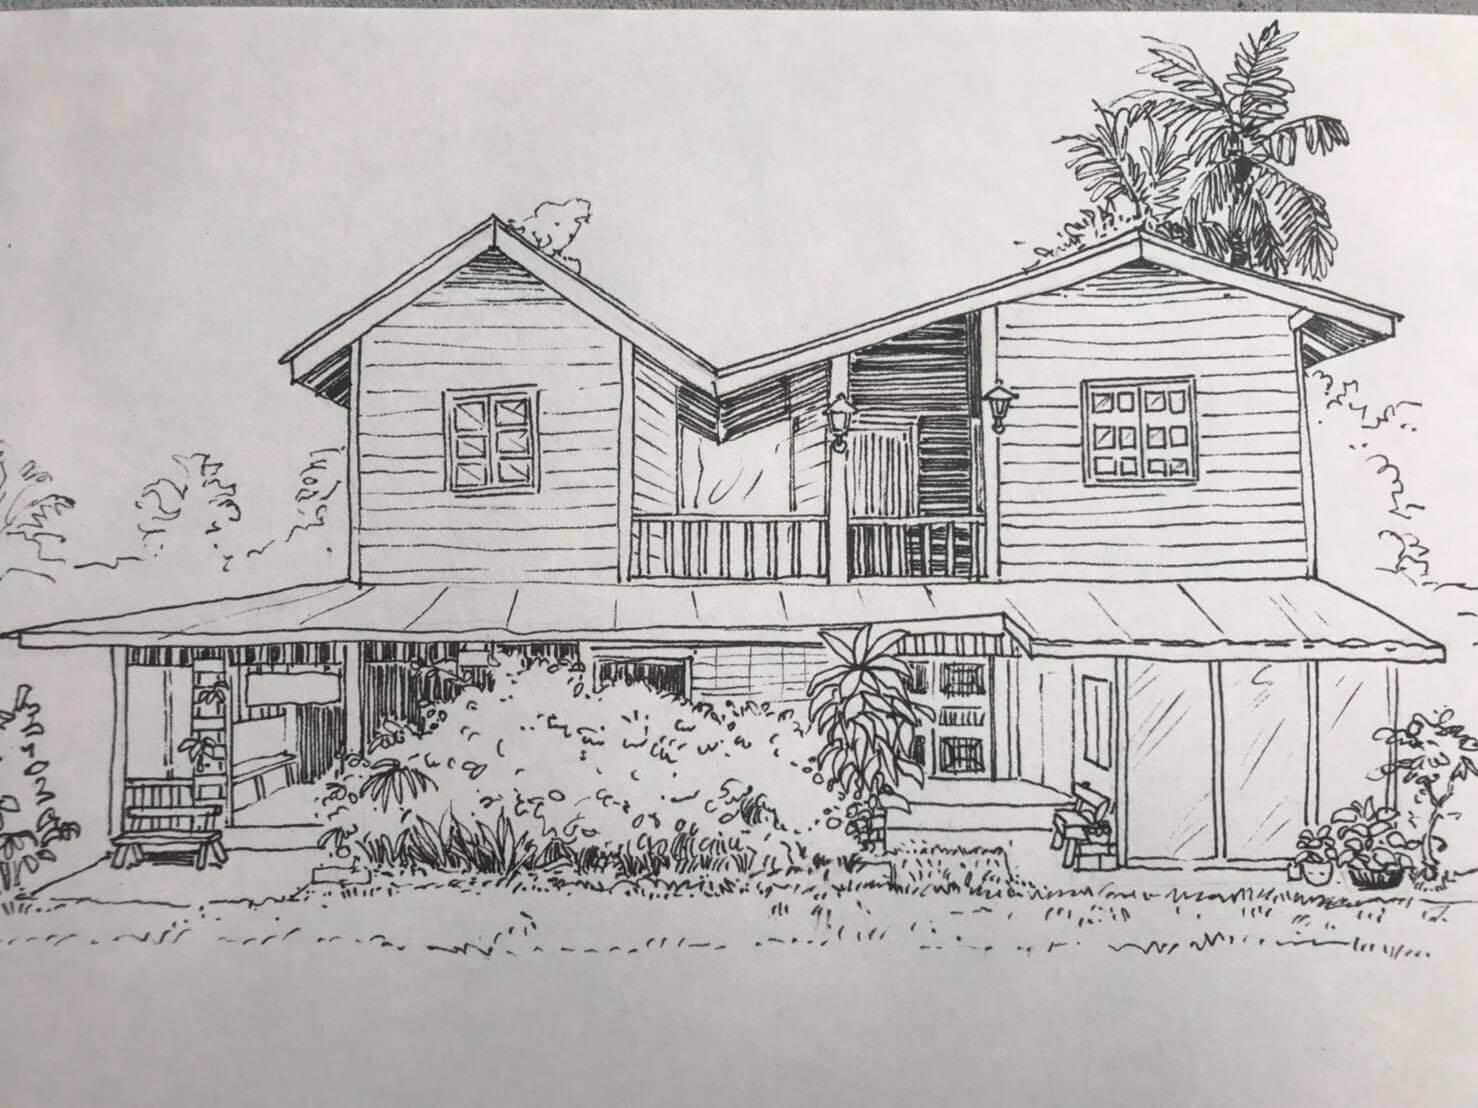 01 บ้านแห่งศิลปะฝีมือพ่อยอด